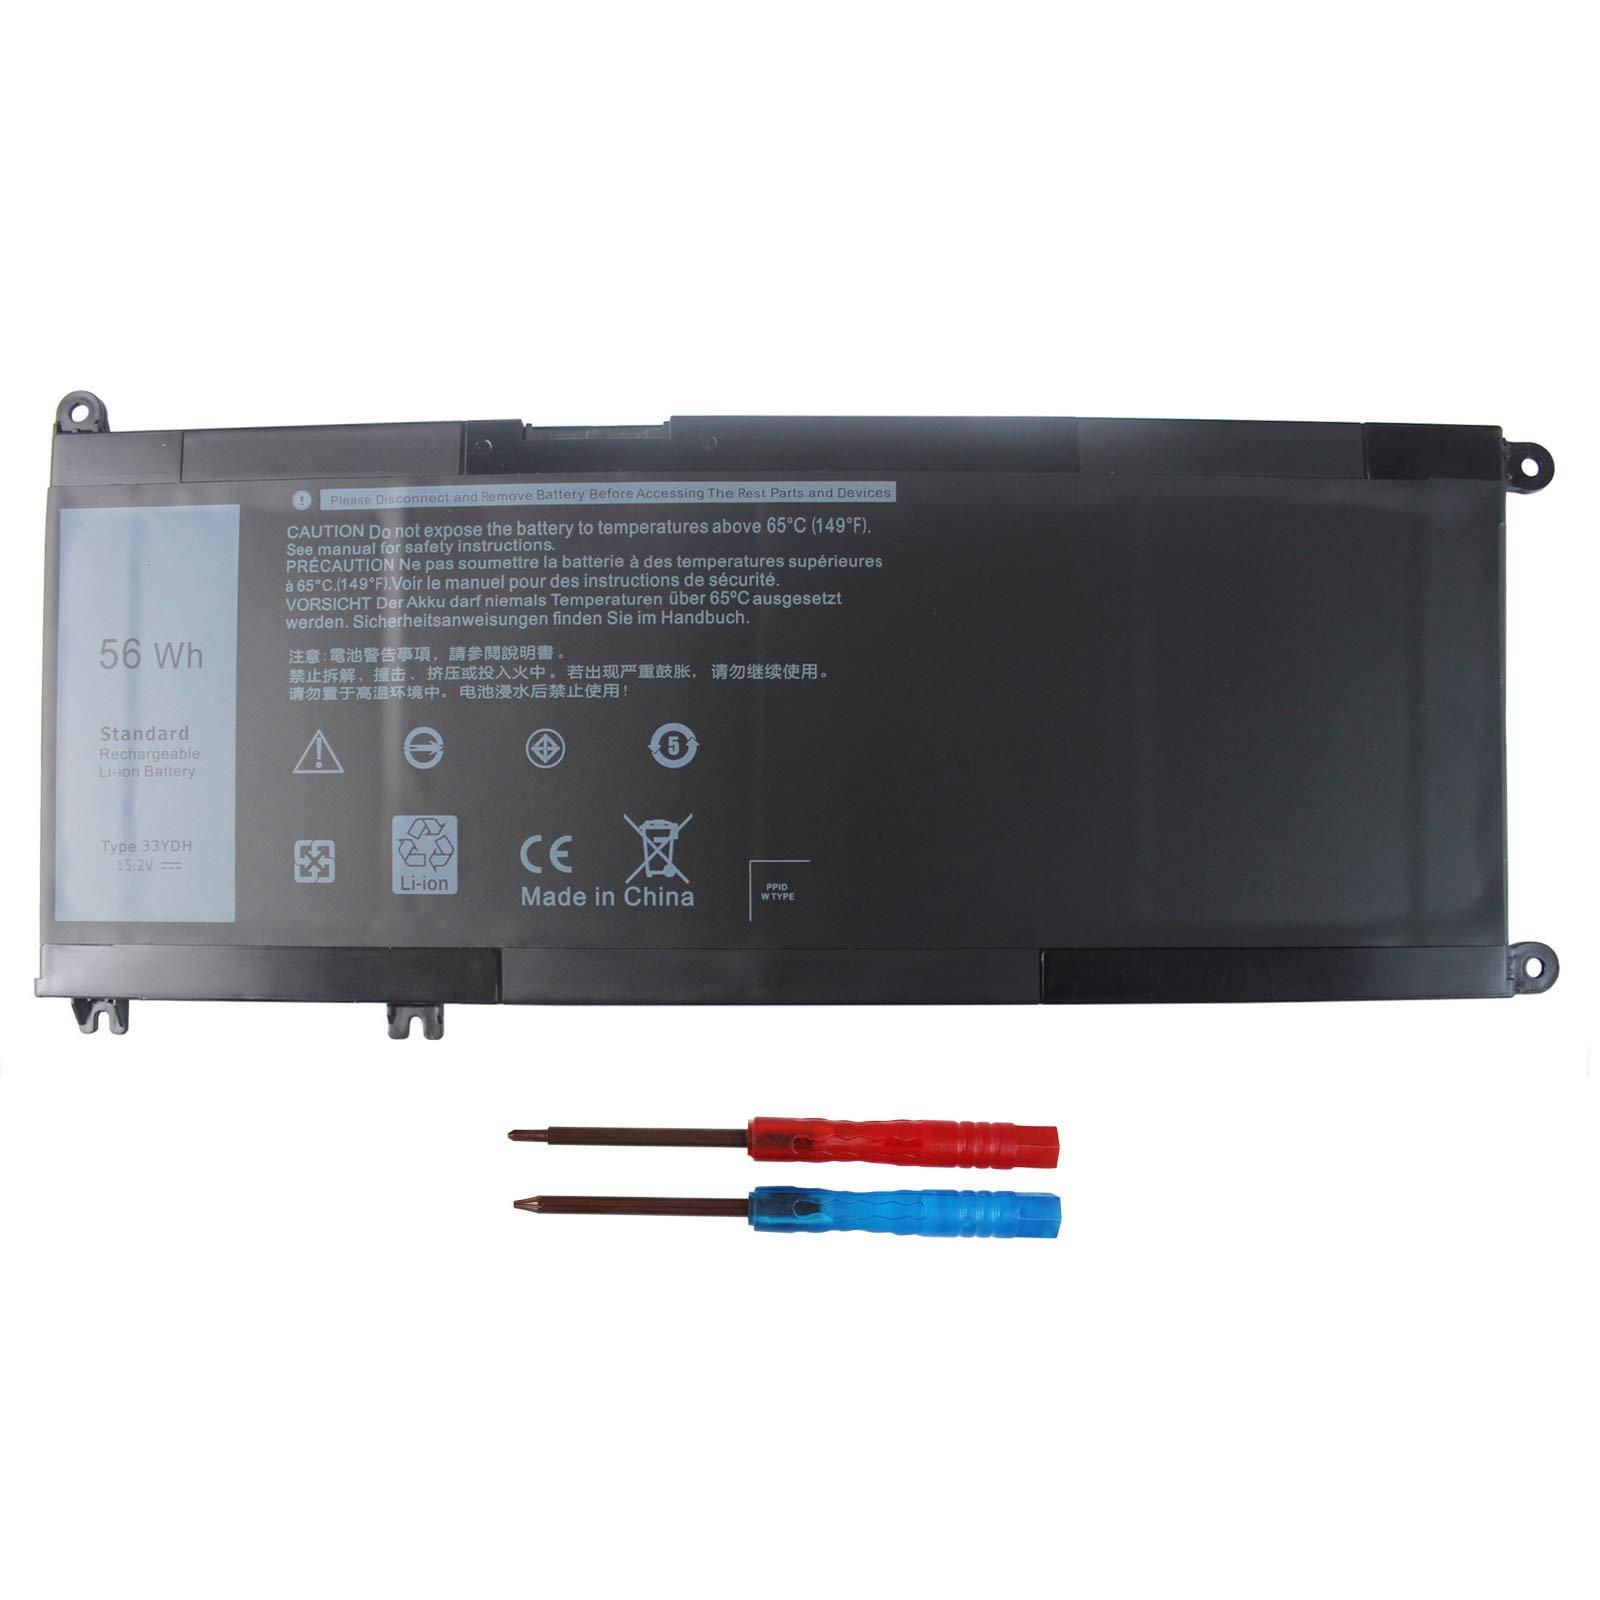 Bateria 33ydh Dell Inspiron 15 7577/17 7000/17 7773/17 7778;